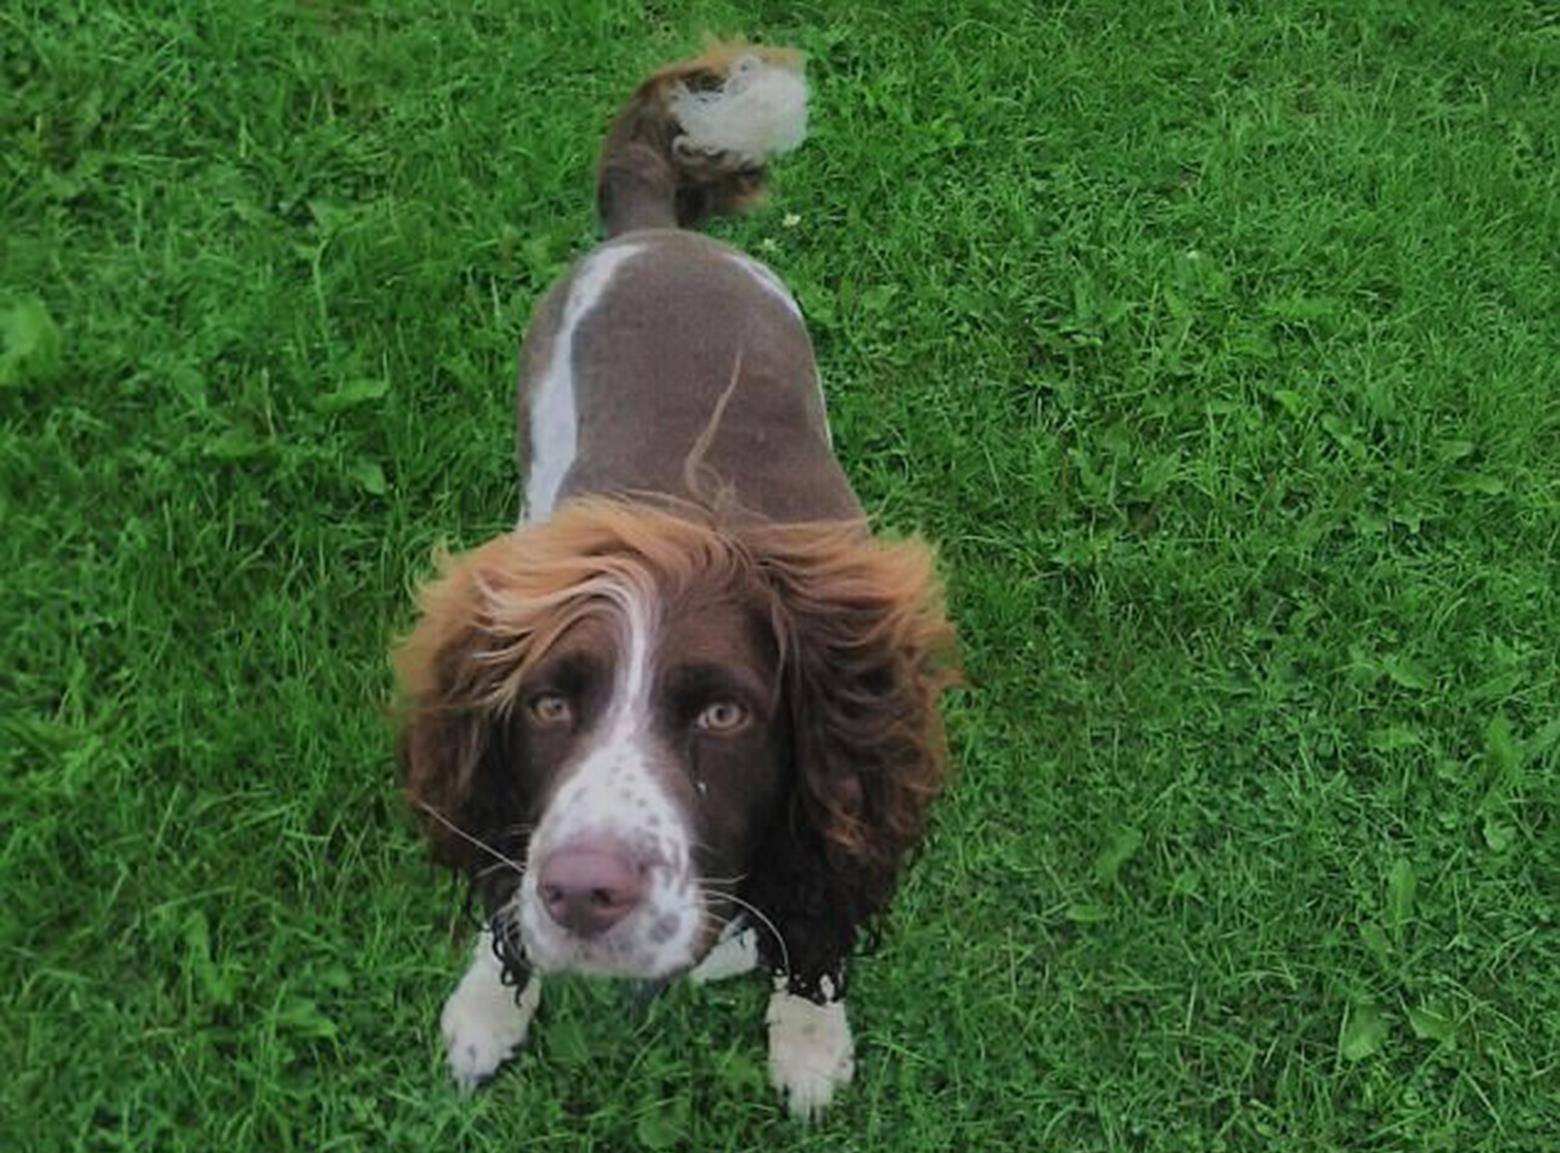 警犬新发型照片爆红网络 引得网友捧腹大笑